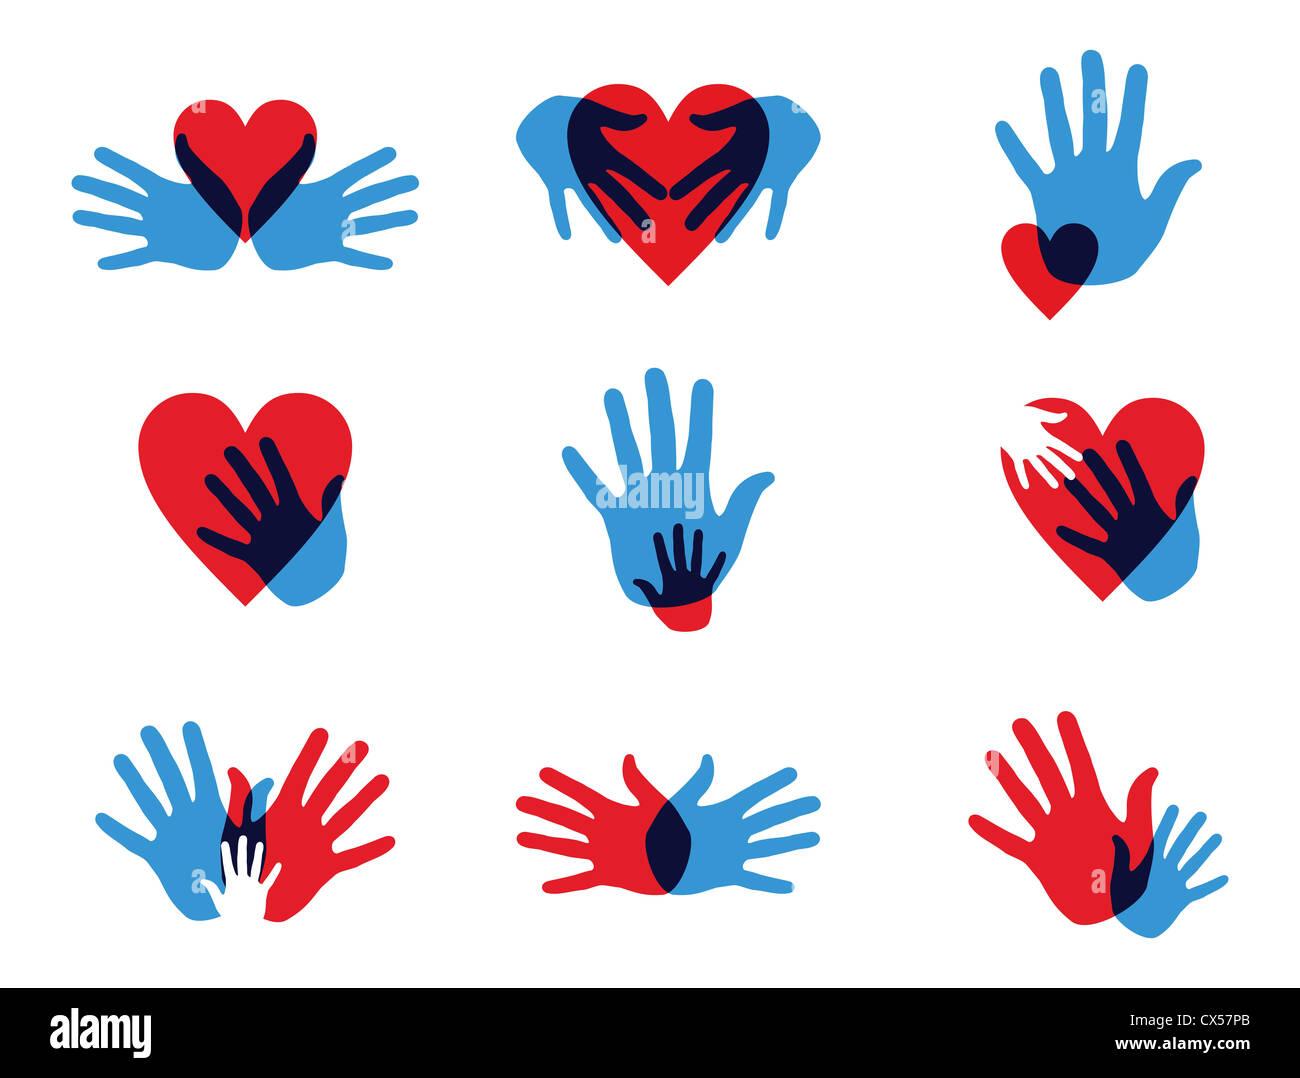 Multicolor diversità creativa mani icon set. Illustrazione Vettoriale stratificata per una facile manipolazione Immagini Stock